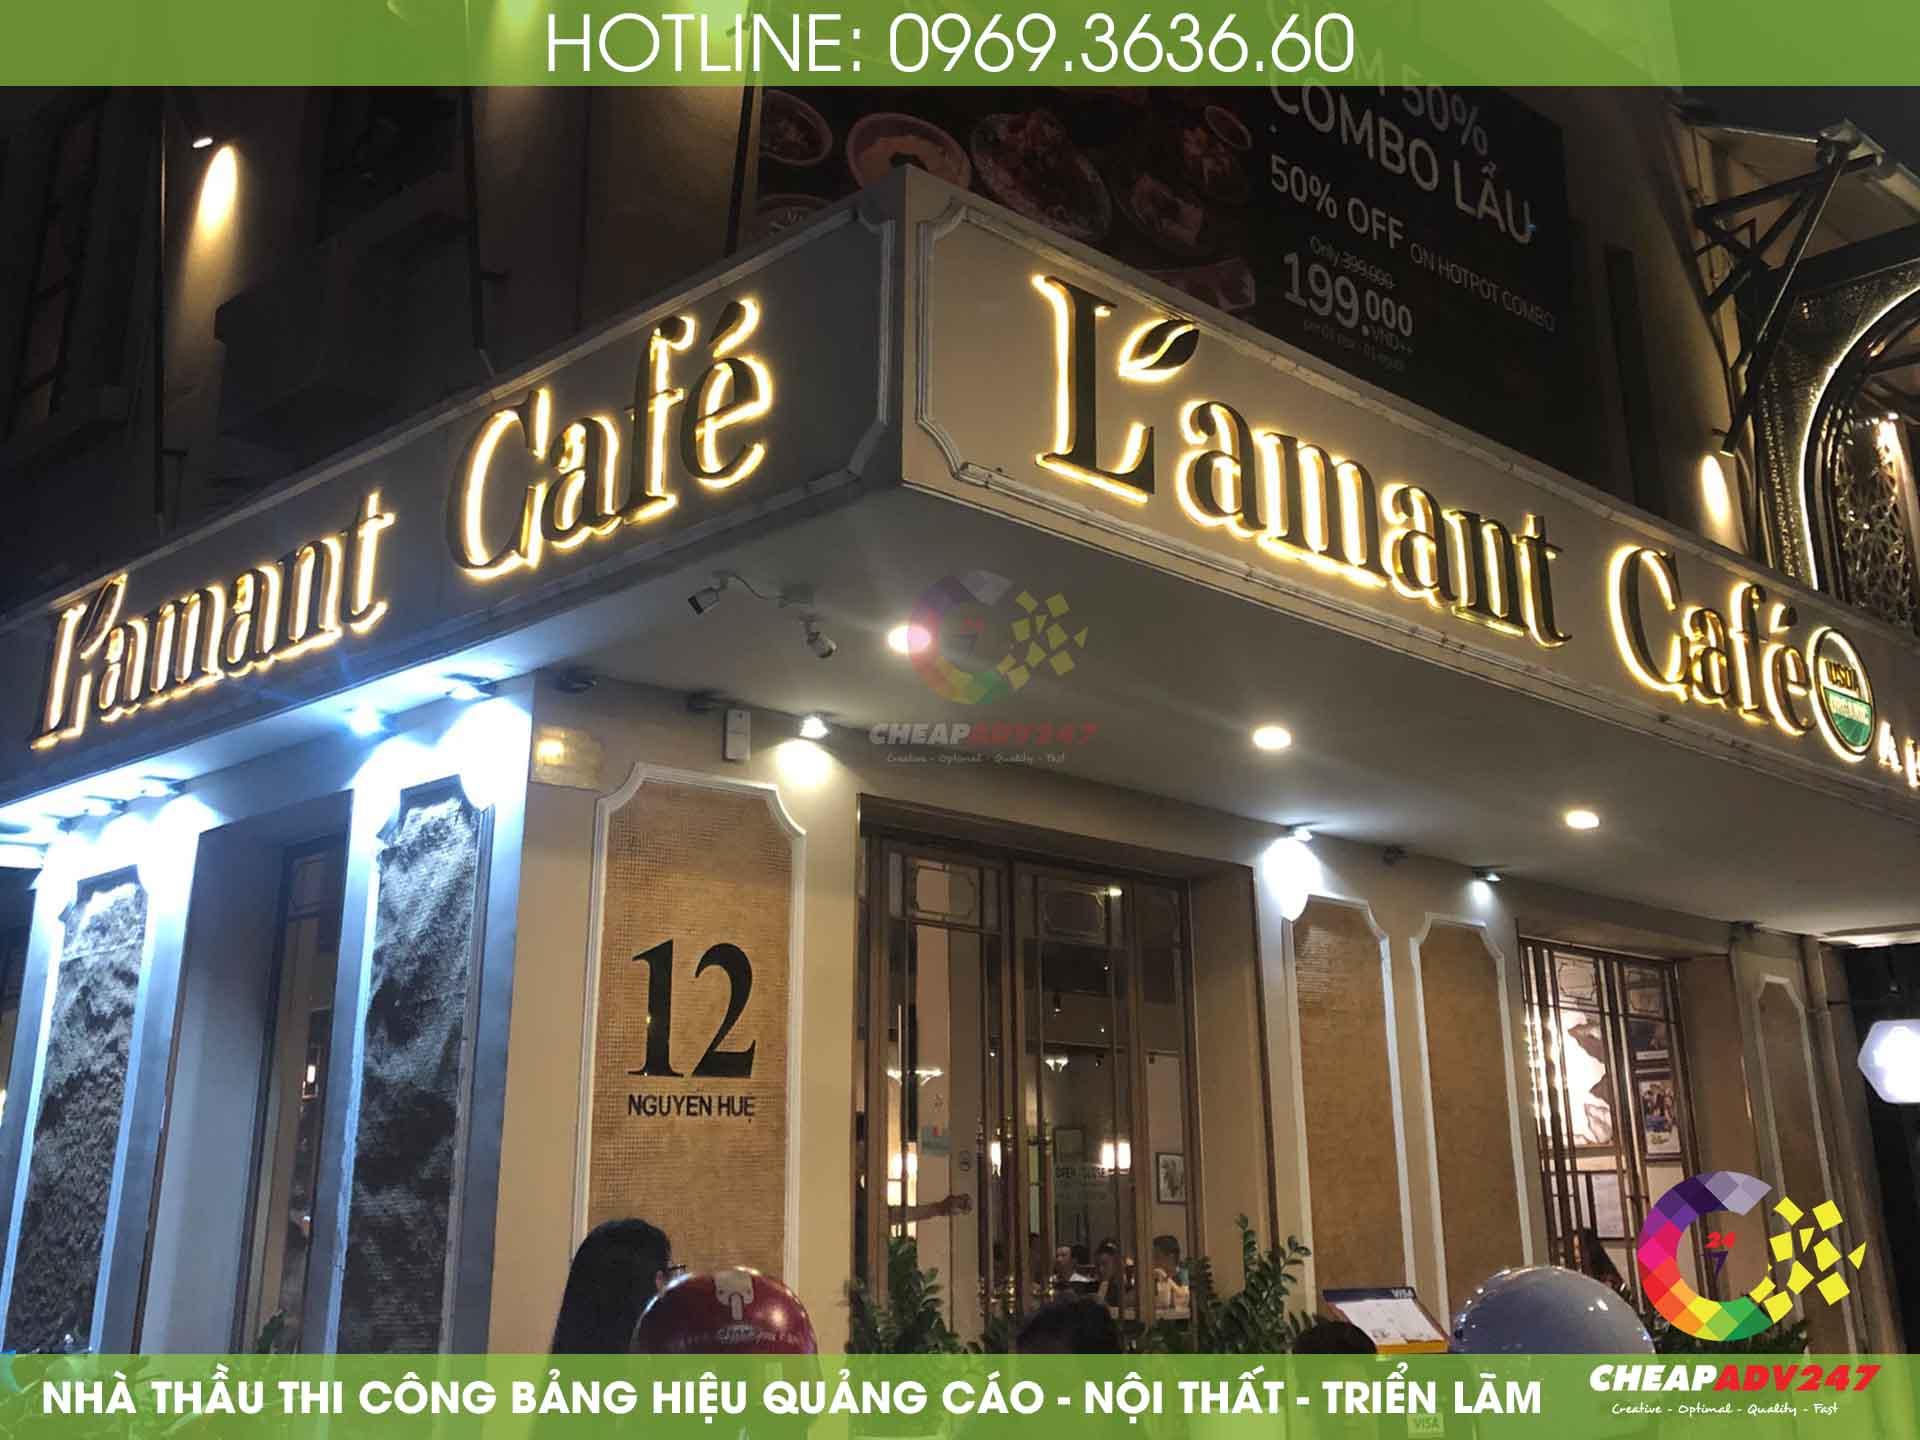 Báo giá bảng hiệu quán cafe tại cheapadv247 - ảnh 3